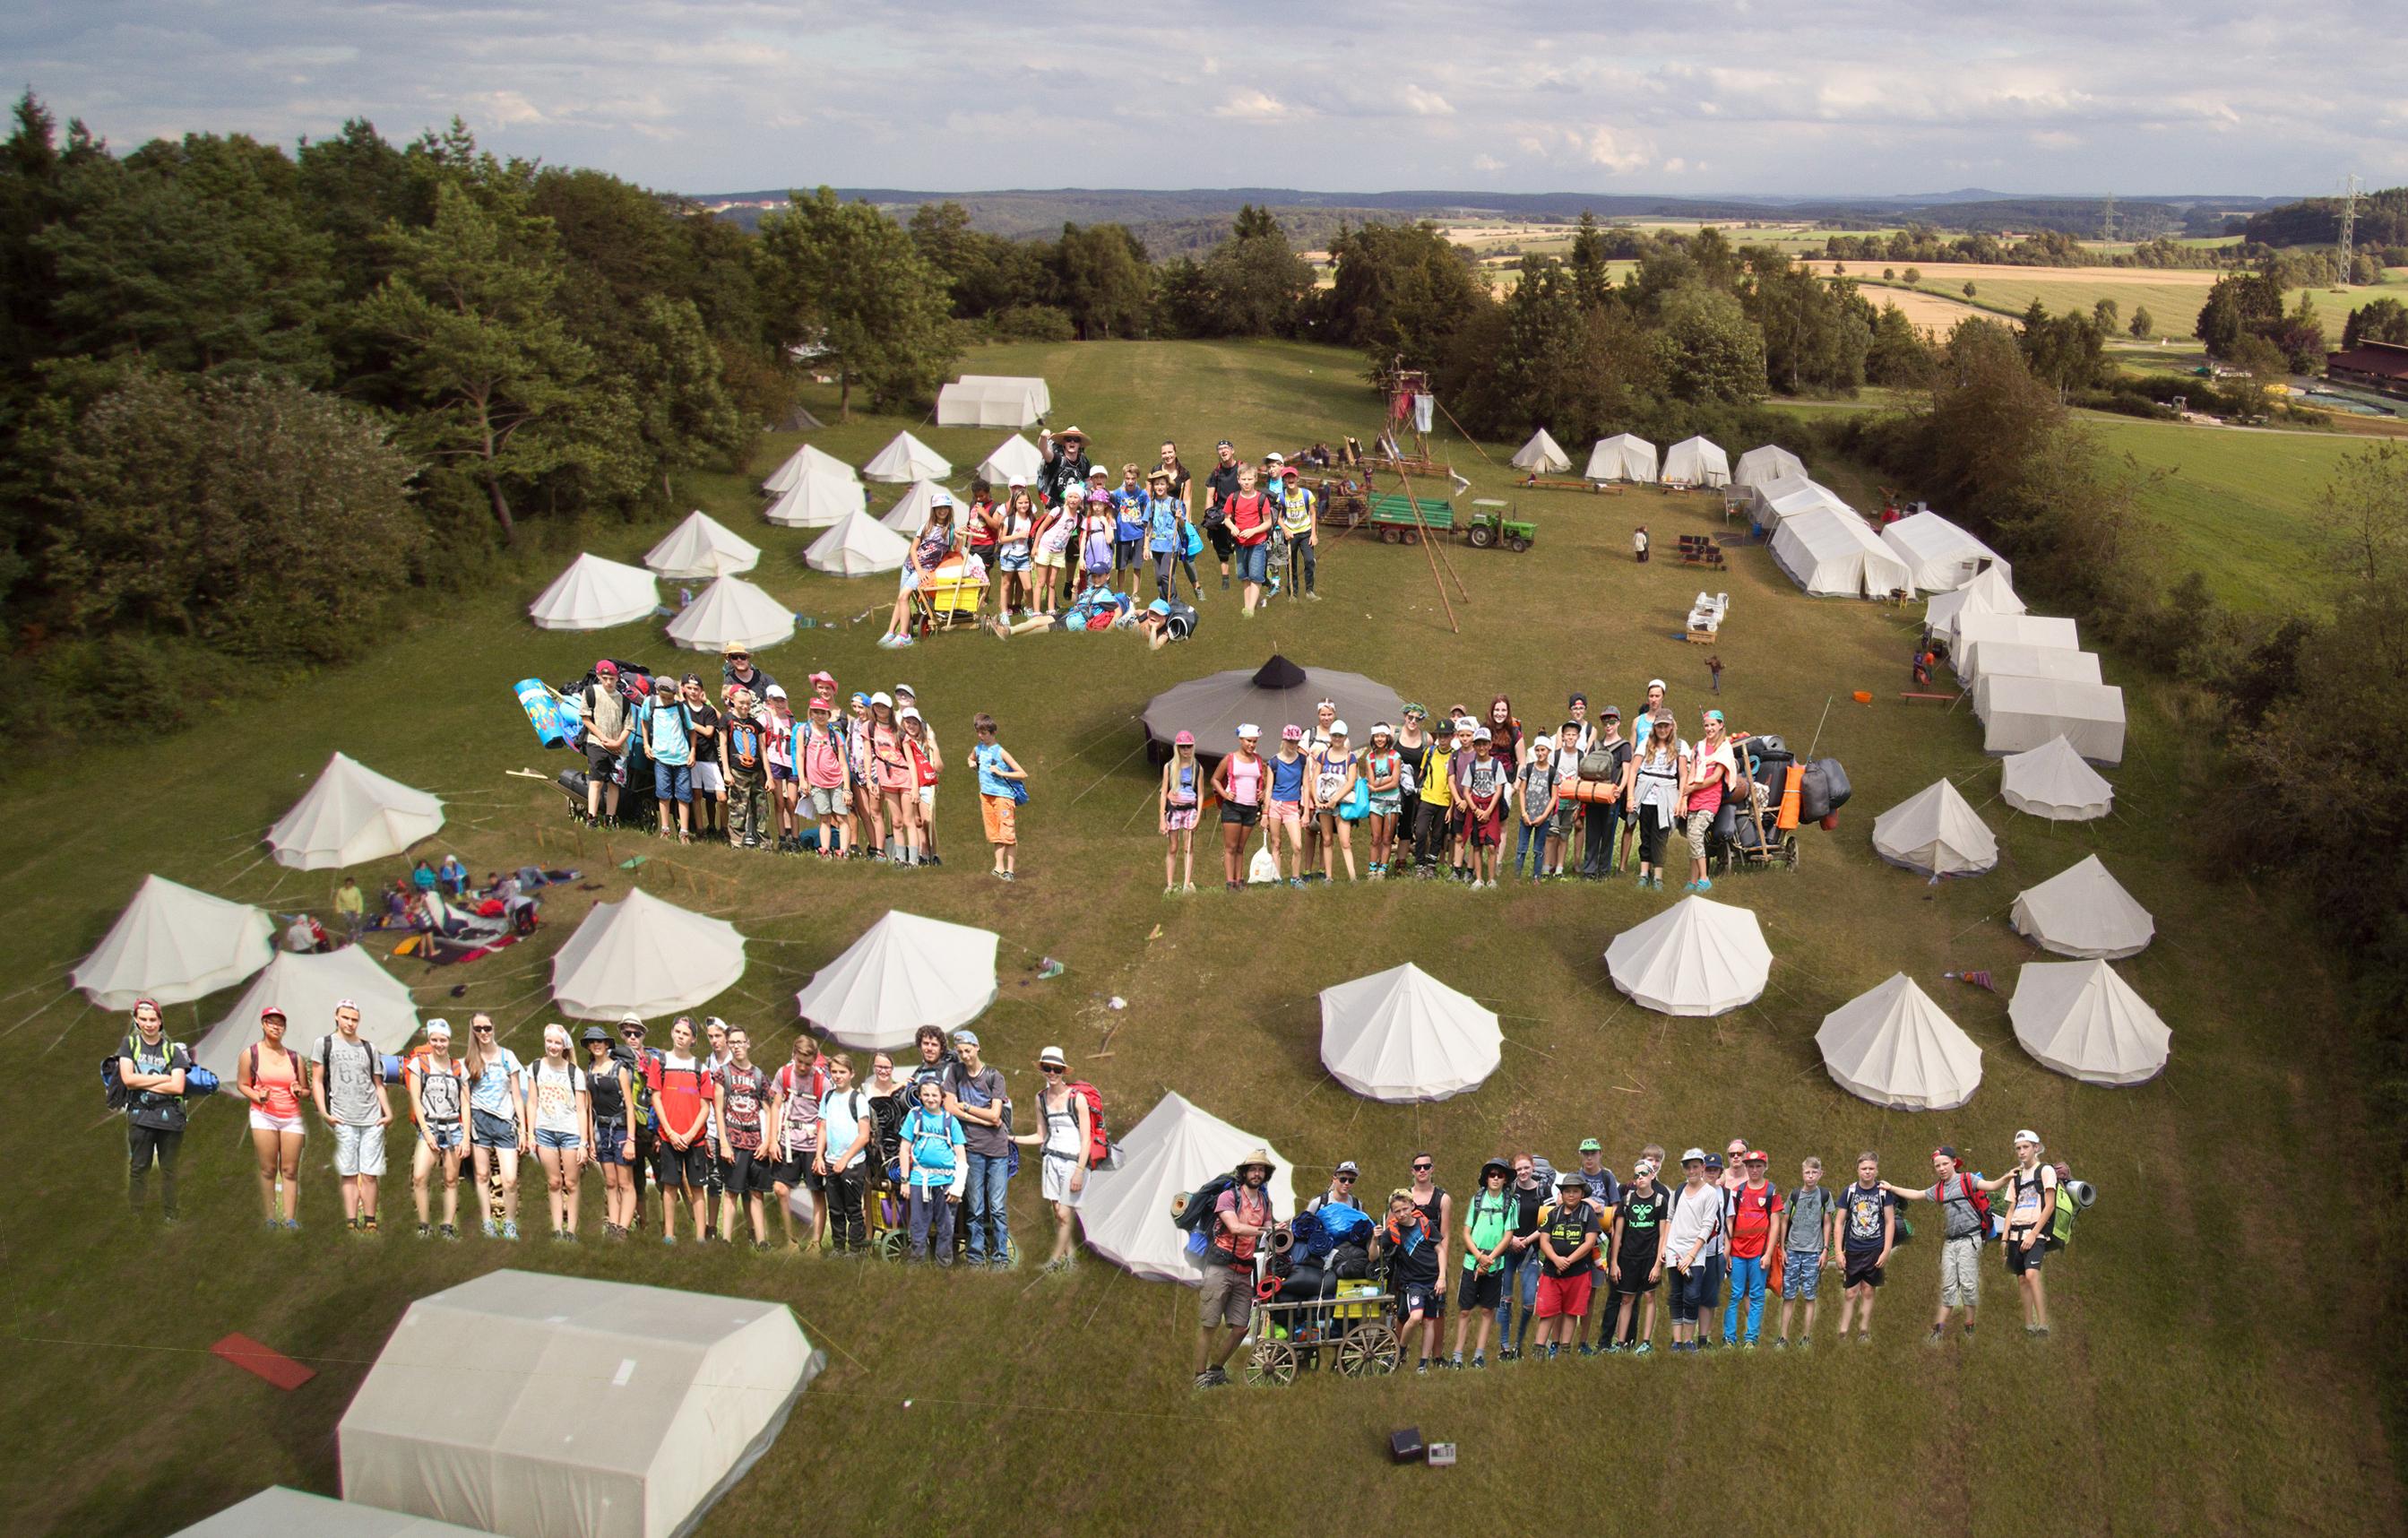 Alle Teilnehmer des Sommerzeltlagers 2016 in Gruppen auf dem Lagerplatz.